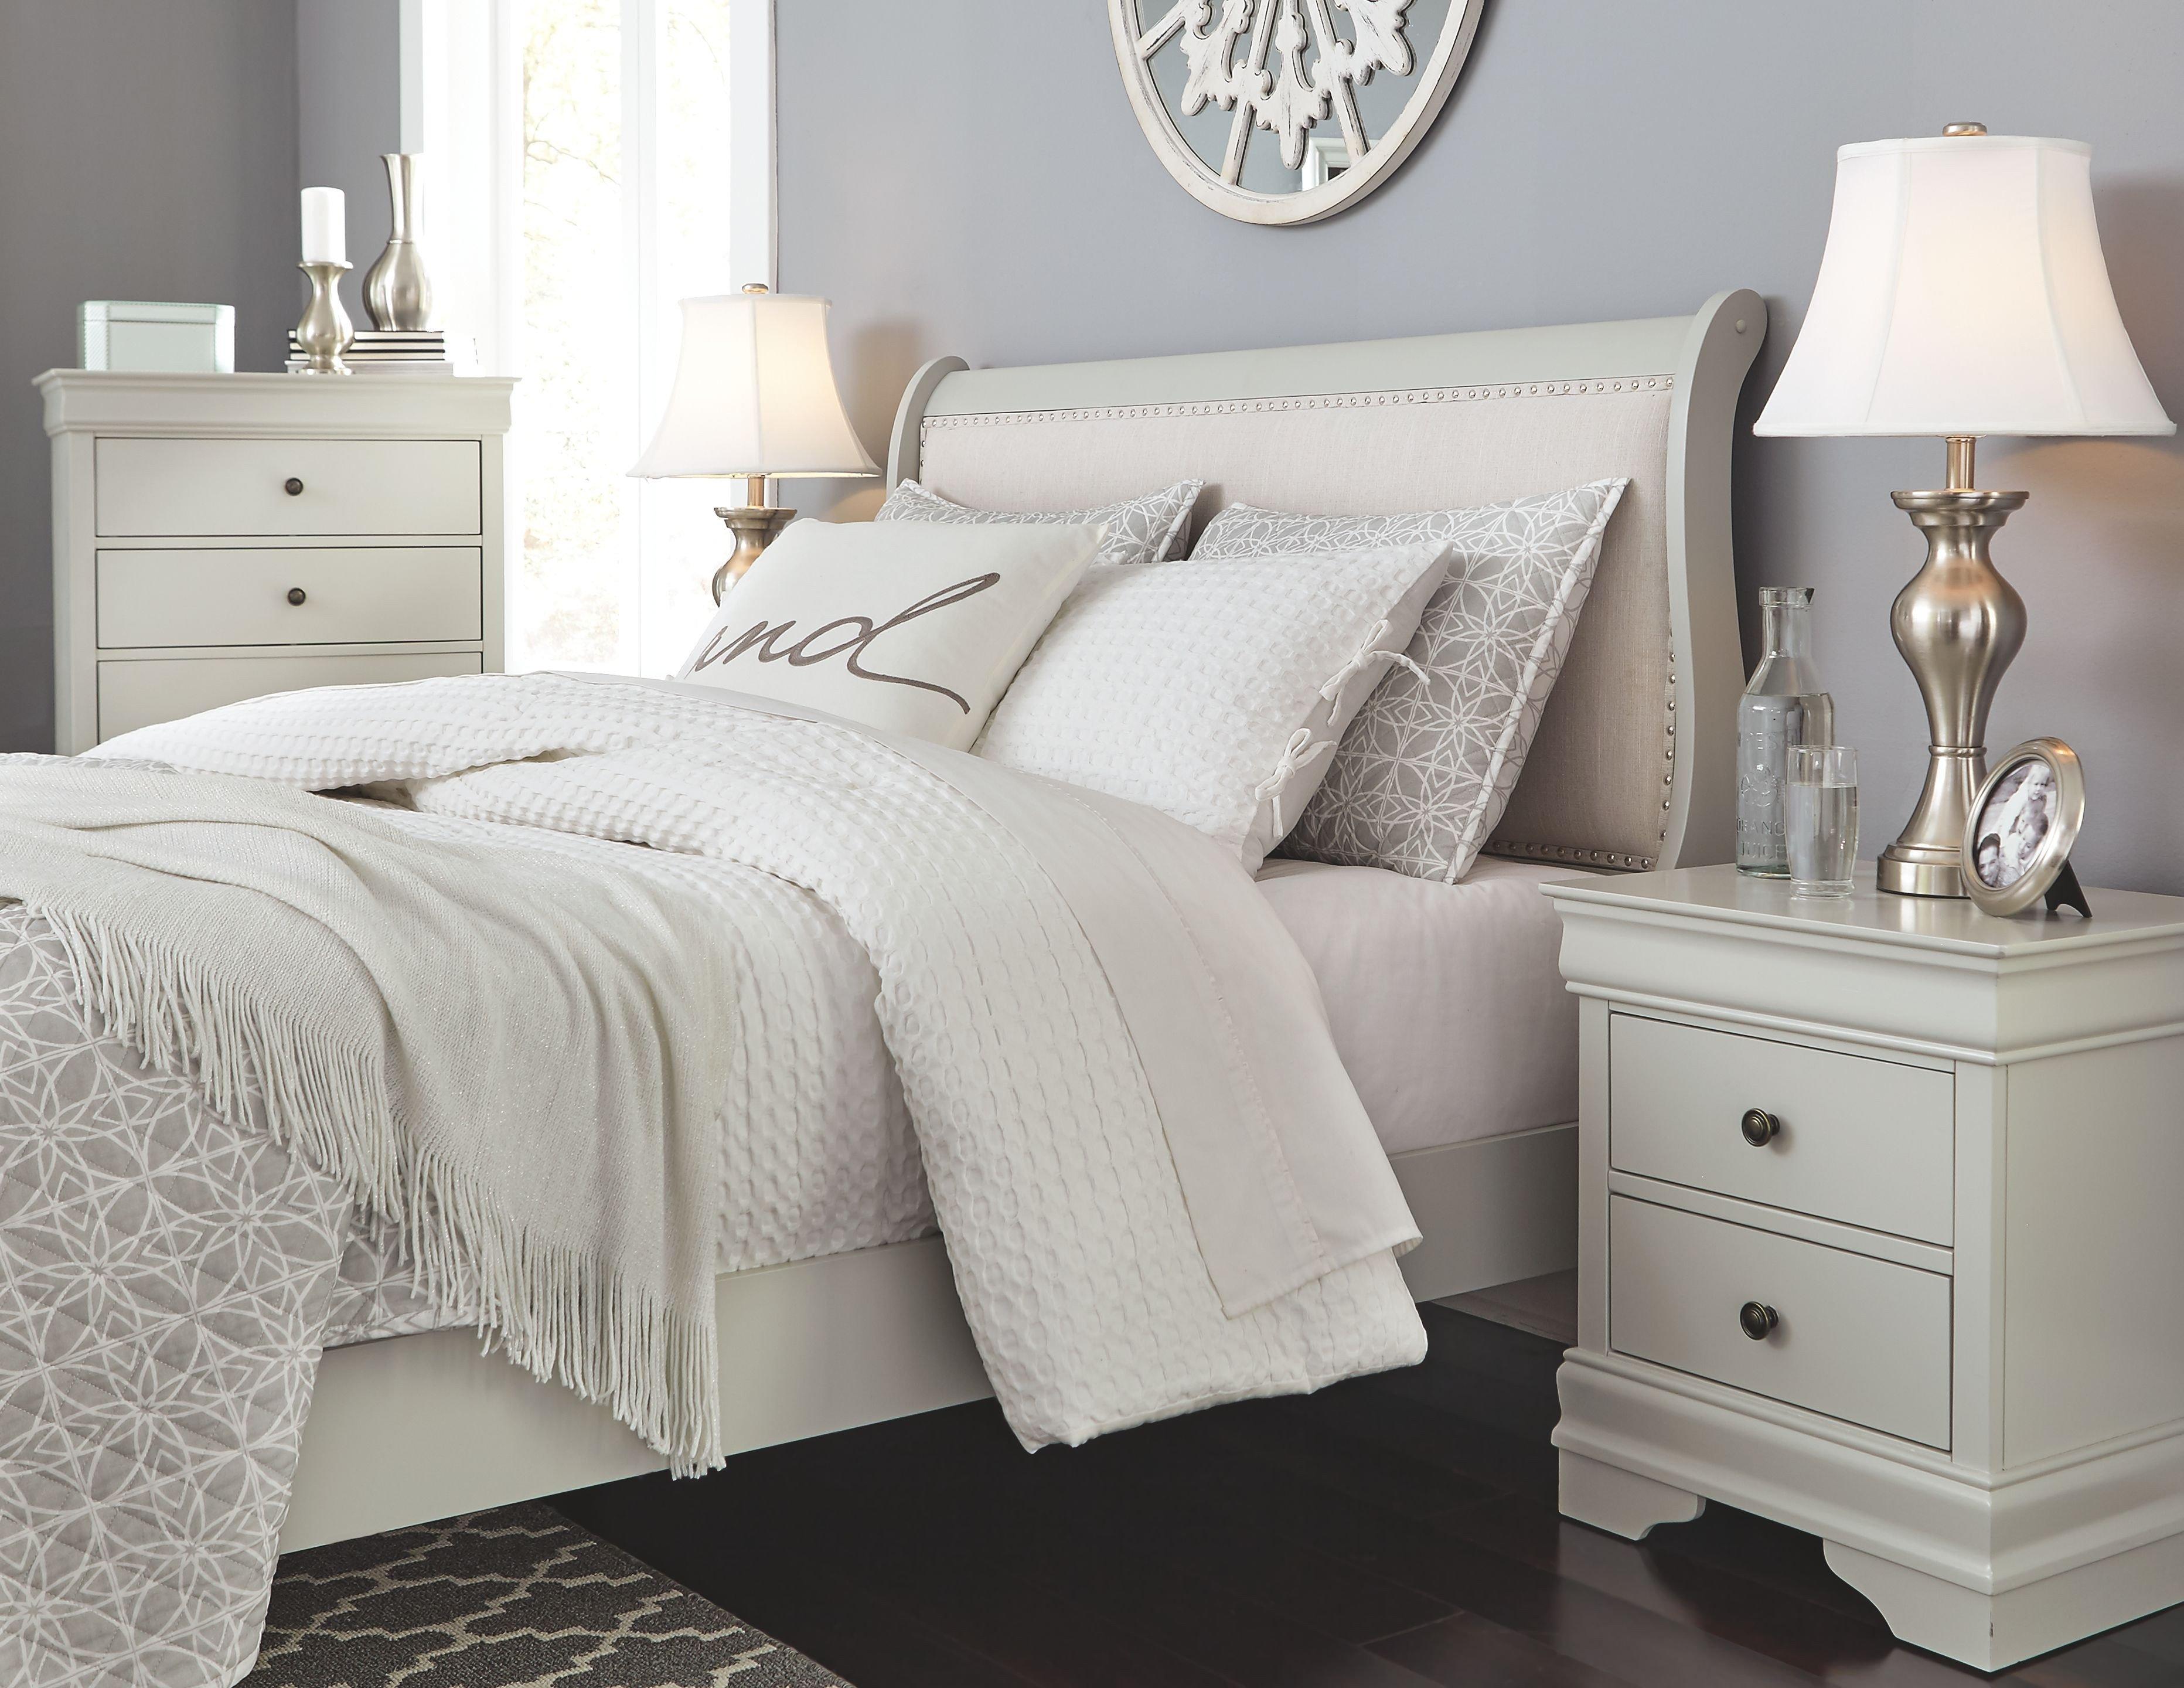 Gray King Bedroom Set New Jorstad Full Bed with 2 Nightstands Gray